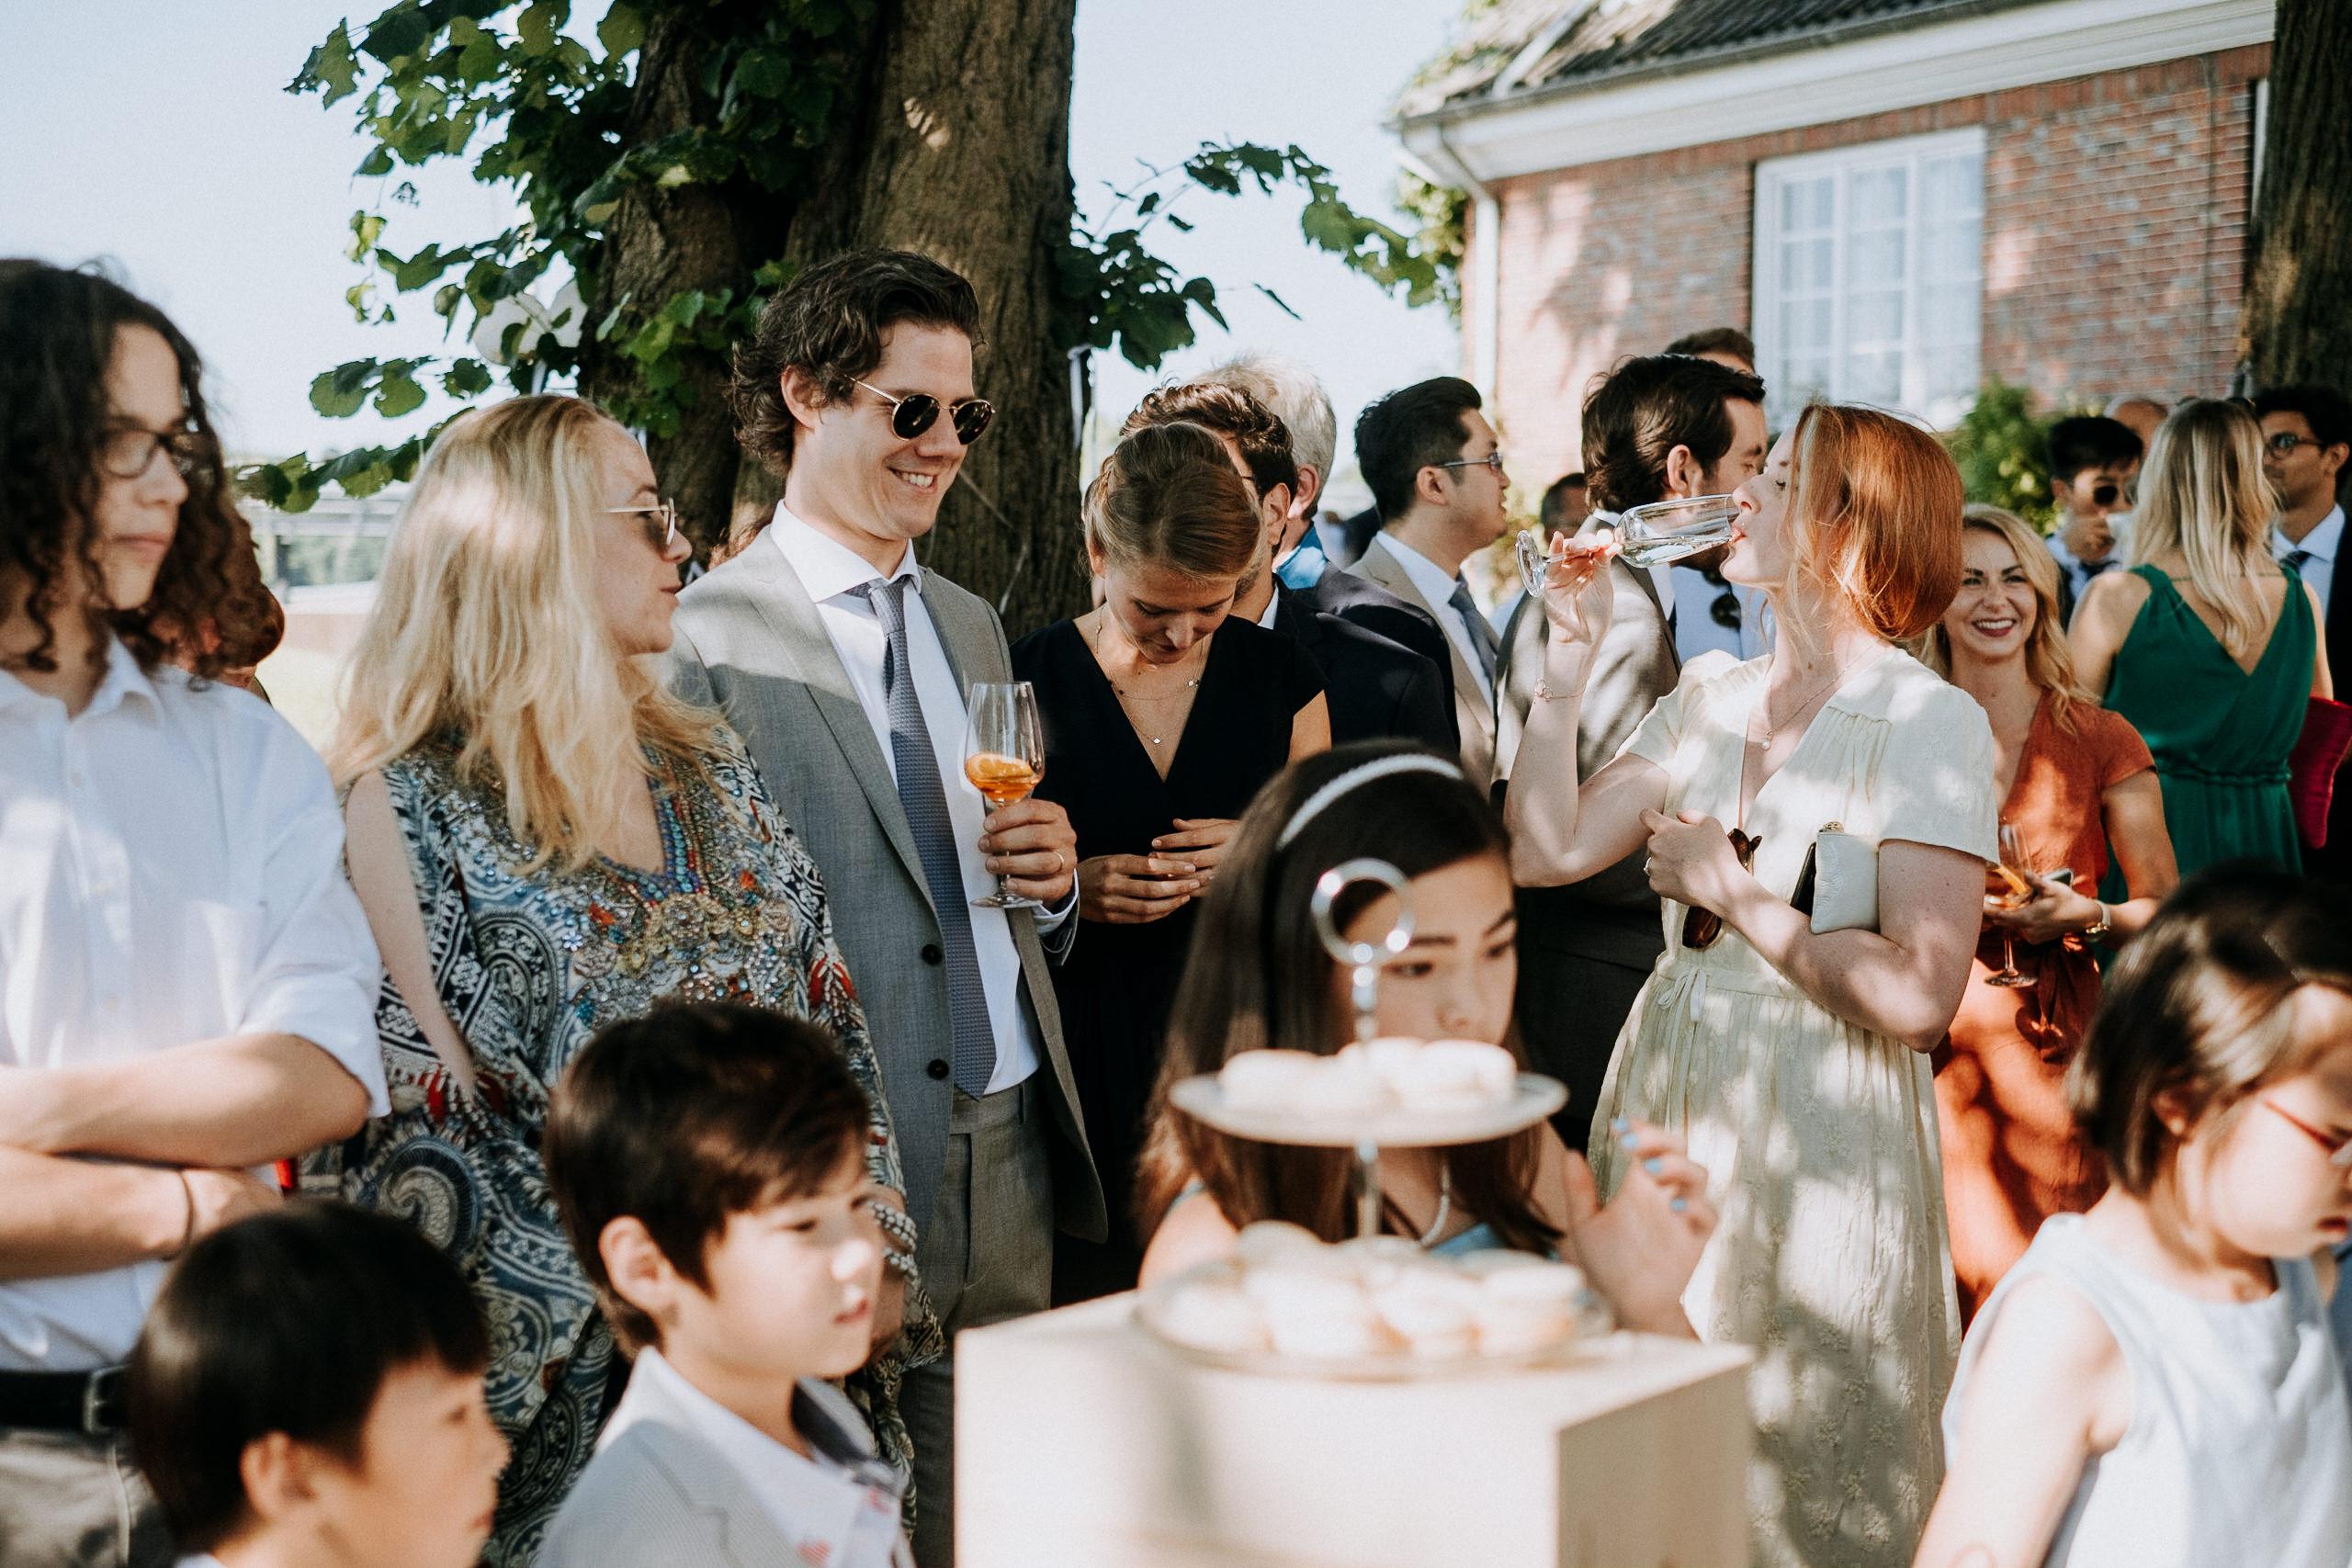 Hochzeitsgäste essen Torte und trinken Prosecco auf einem Hochzeitsempfang in der Villa am Jachthafen